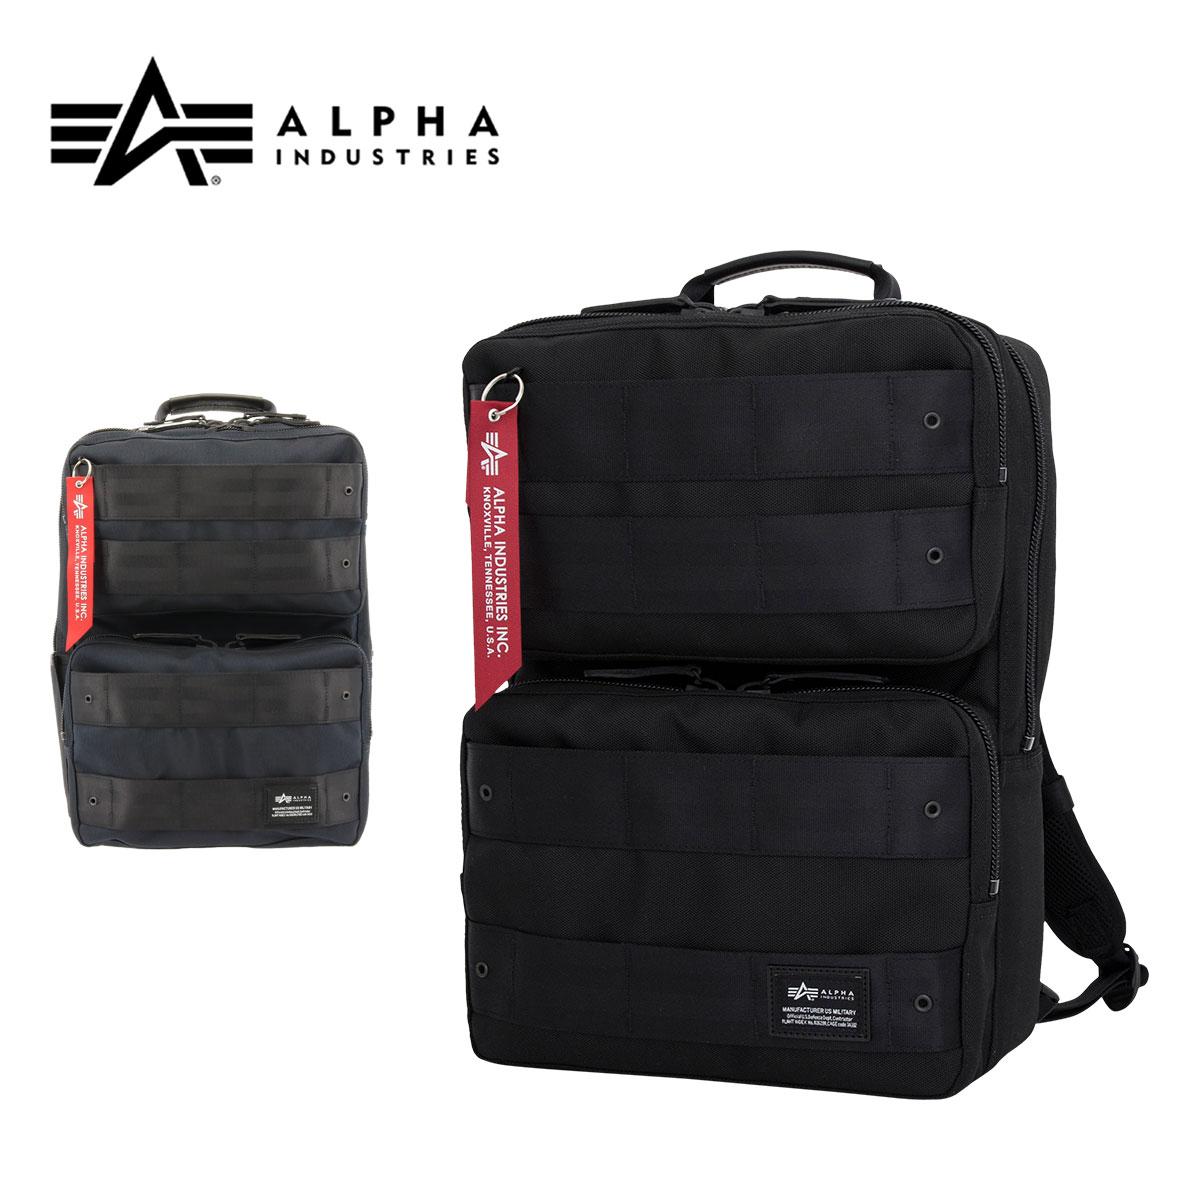 a67093870dc4 アルファインダストリーズ 3WAYビジネスバッグ メンズ 日本製 40081 ALPHA INDUSTRIES リュック 豊岡鞄 A4 キャリー